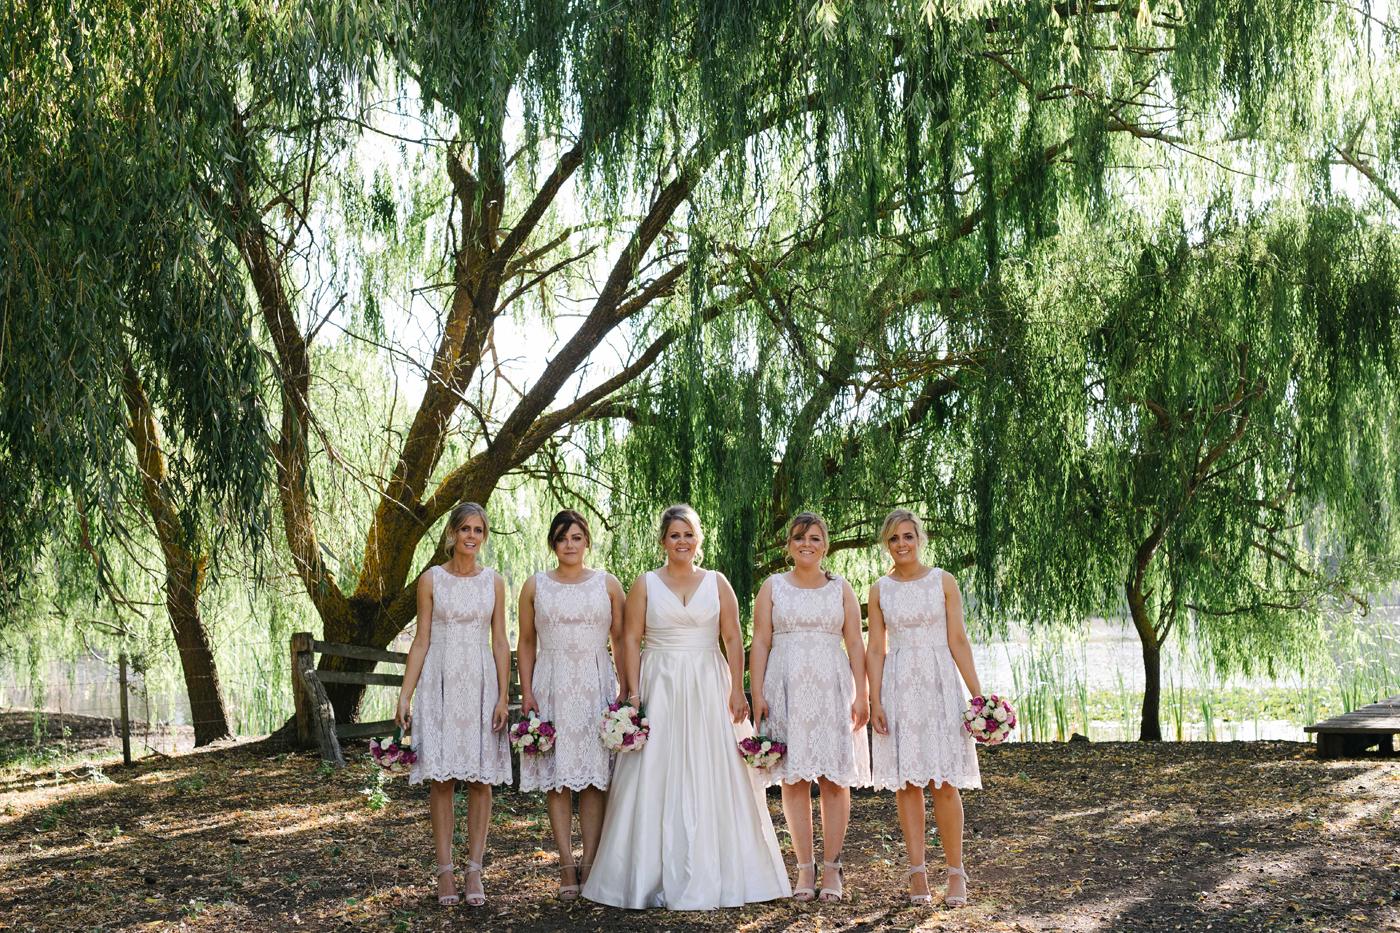 Carlie-John-ralea-lasposa-RC-real-bride